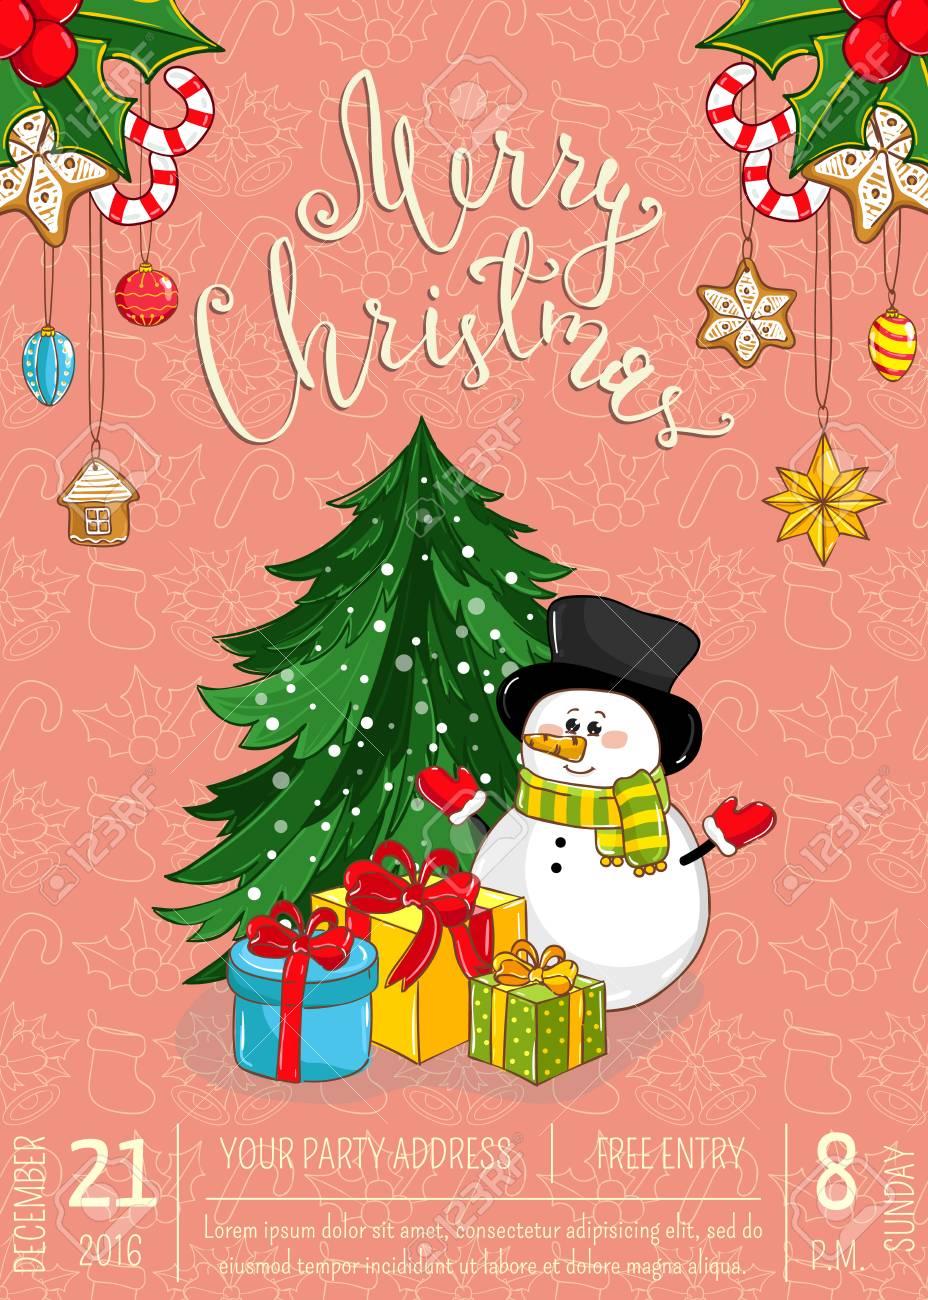 Dibujos De Arboles De Navidad A Color. Estrella De Navidad. Pagina ...